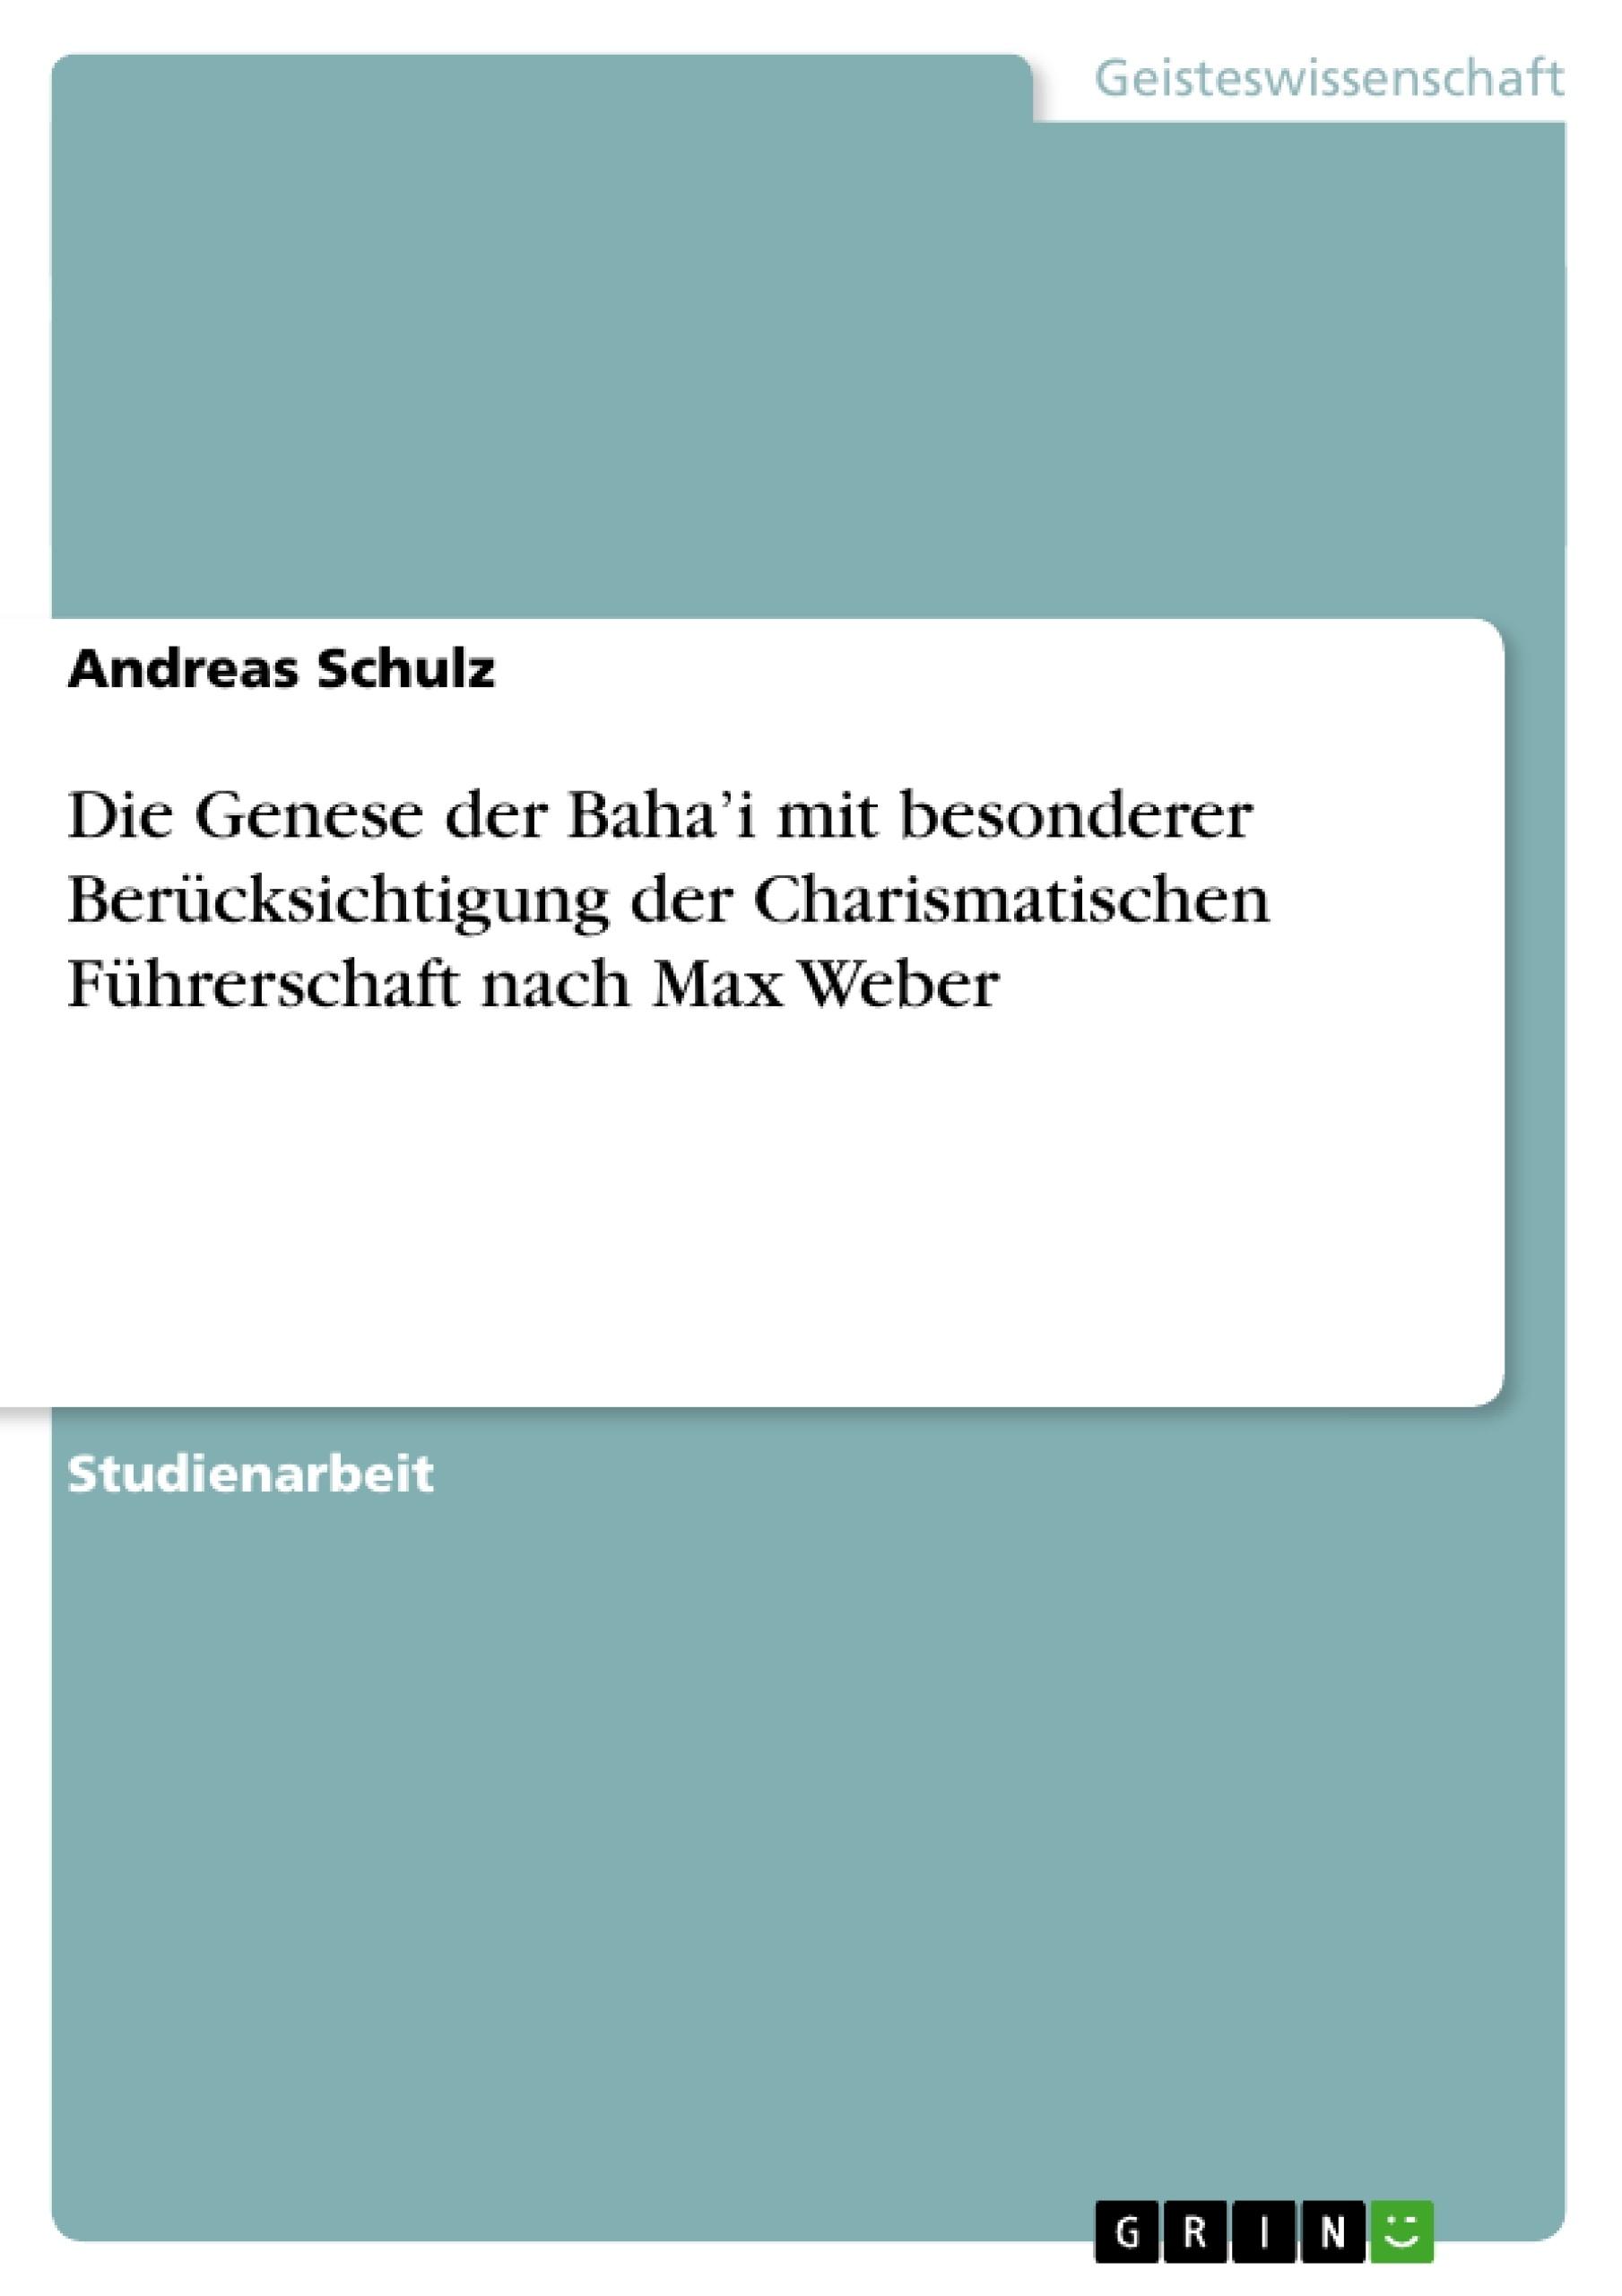 Titel: Die Genese der Baha'i mit besonderer Berücksichtigung der Charismatischen Führerschaft nach Max Weber